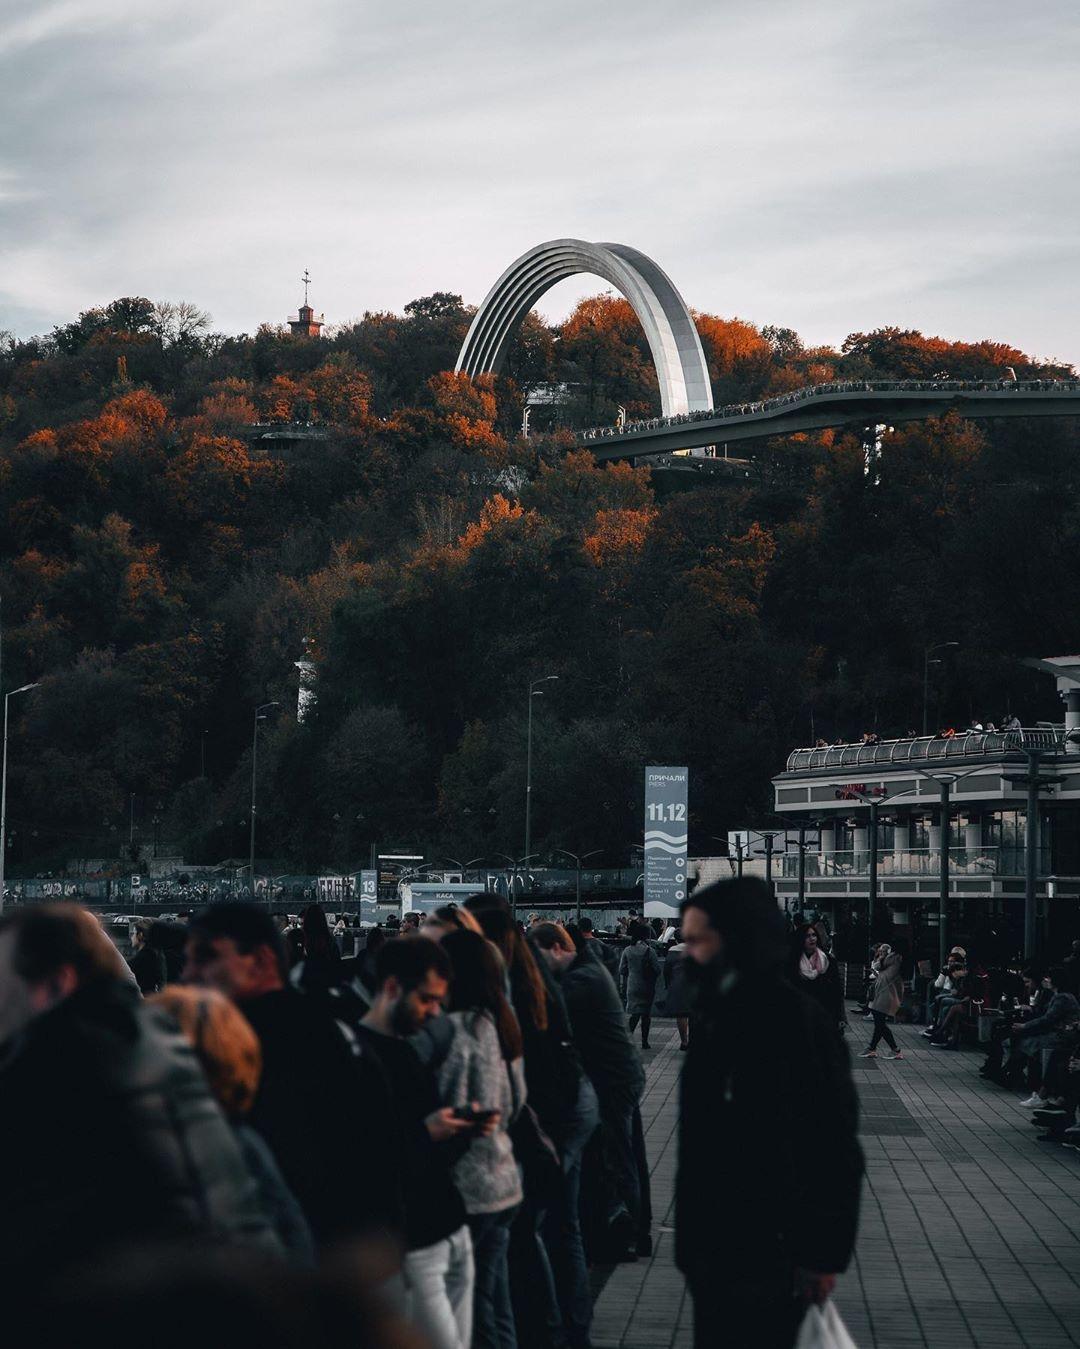 Продолжим же подборку традиционным для последних месяцев снимком от @sergey.bogun - Крещатый парк, украшенный бордовой листвой